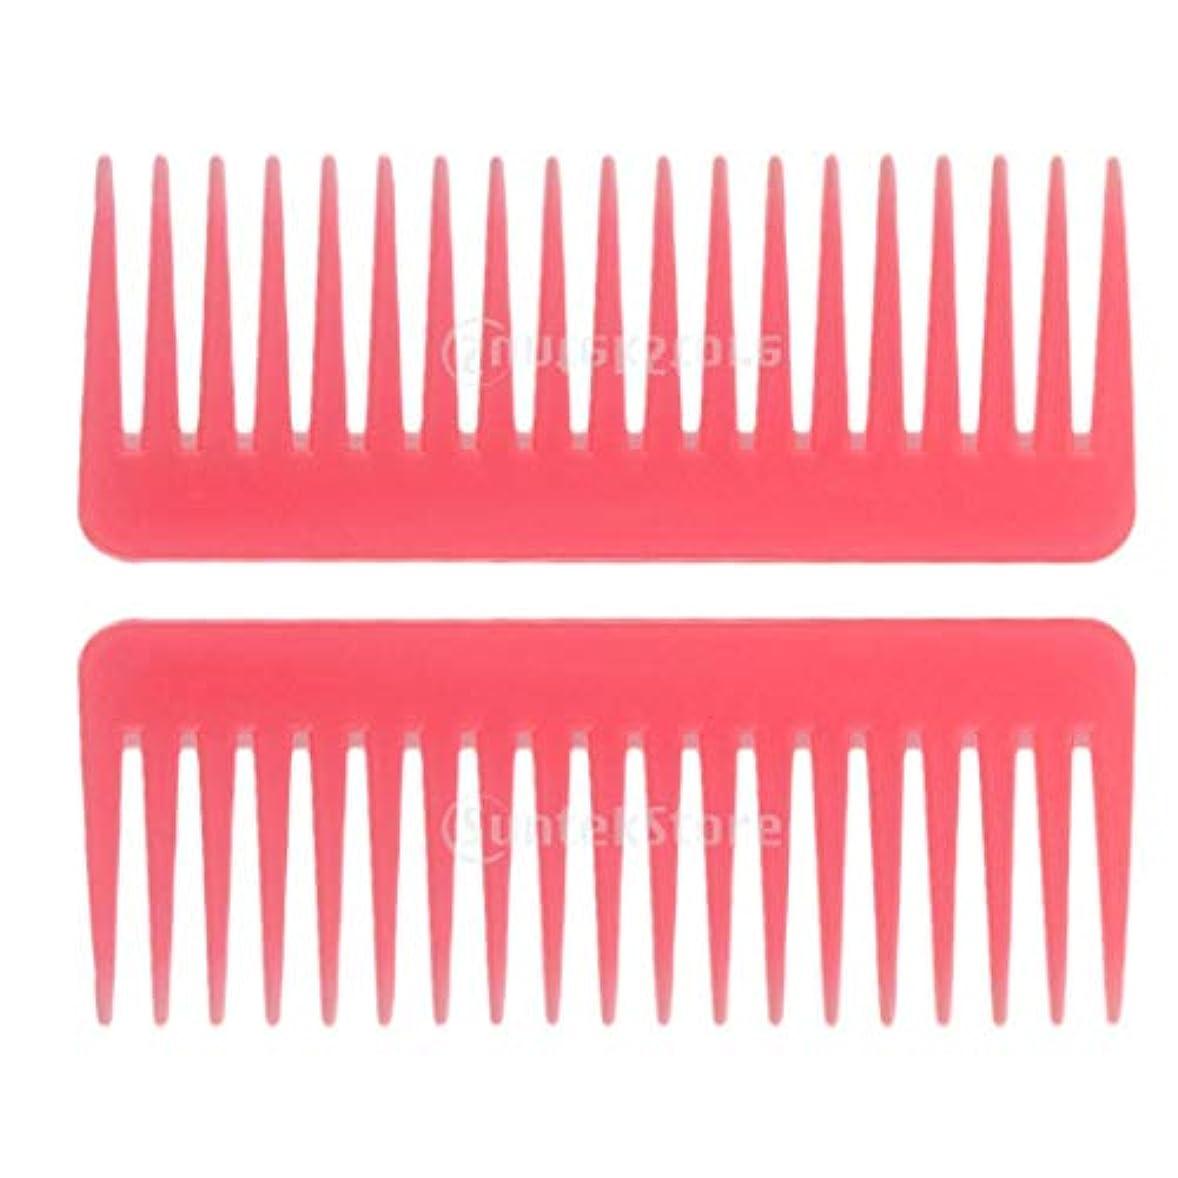 頬骨チューインガム動かないヘアブラシ ヘアコーム 静電気防止櫛 広い歯コーム マッサージ サロン 理髪店 ツール 2個セット